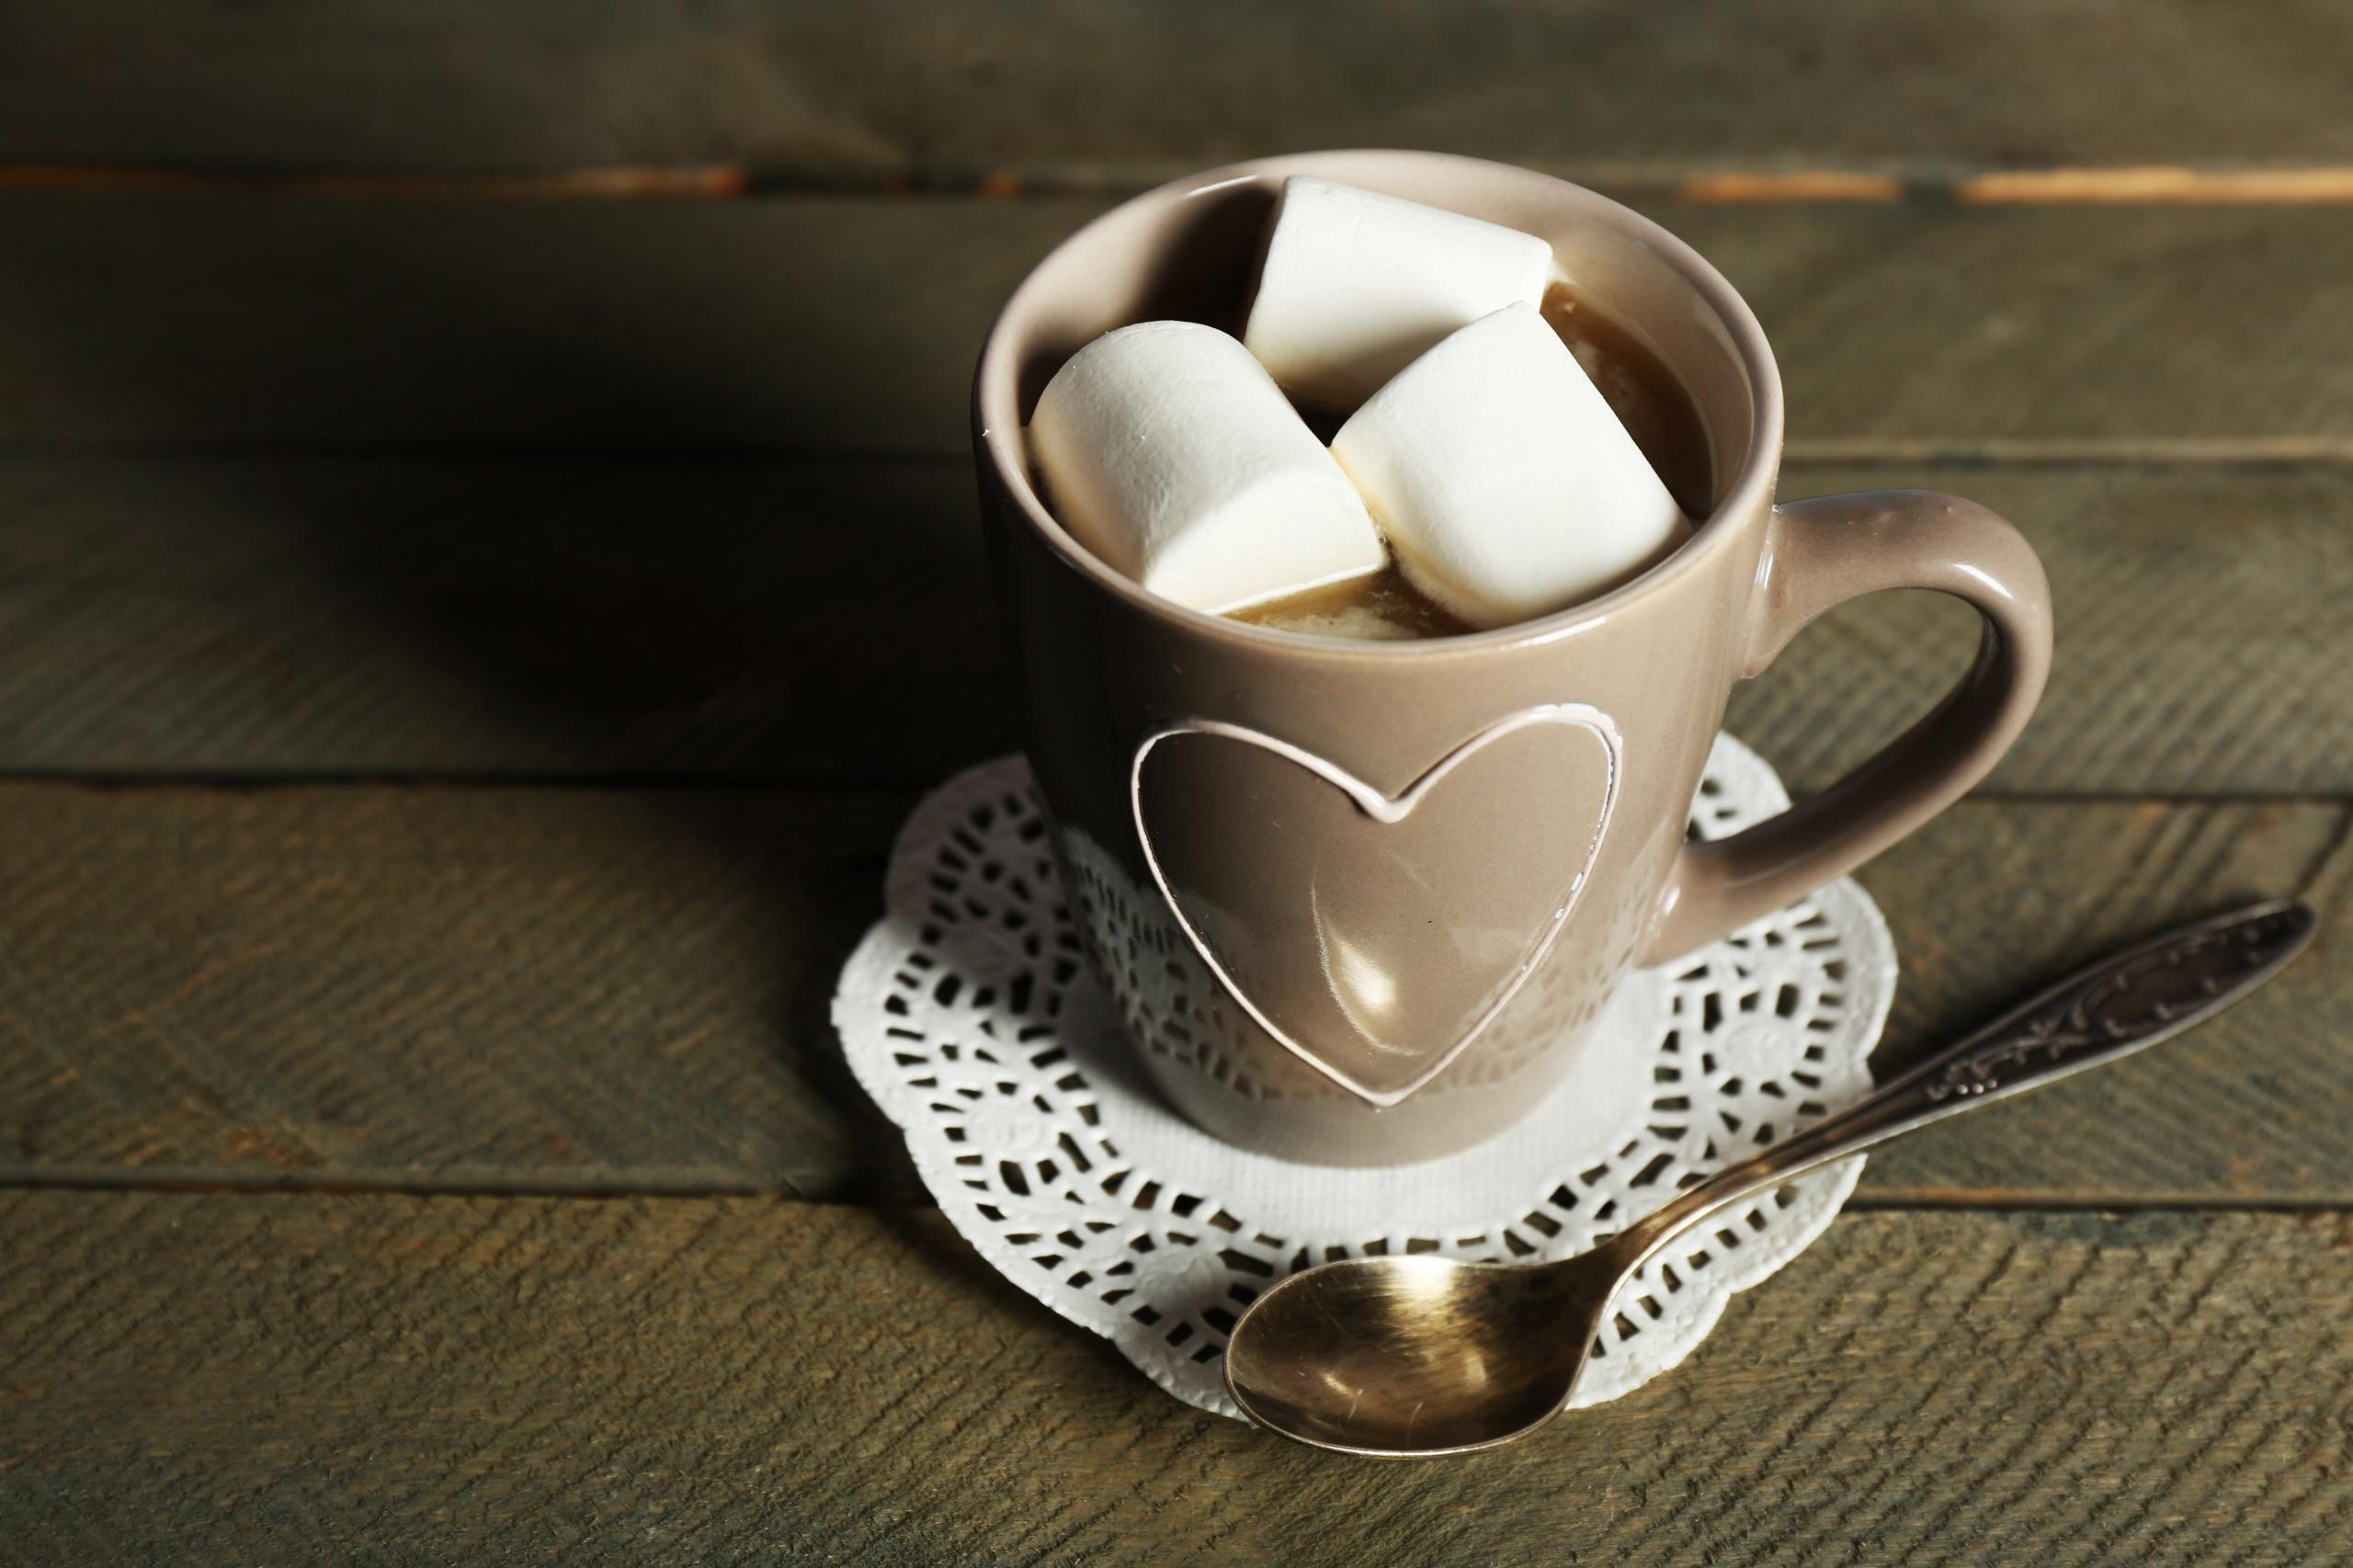 Фотографии зефирки Какао напиток Еда Ложка Чашка 2560x1706 Маршмэллоу Горячий шоколад Пища ложки чашке Продукты питания